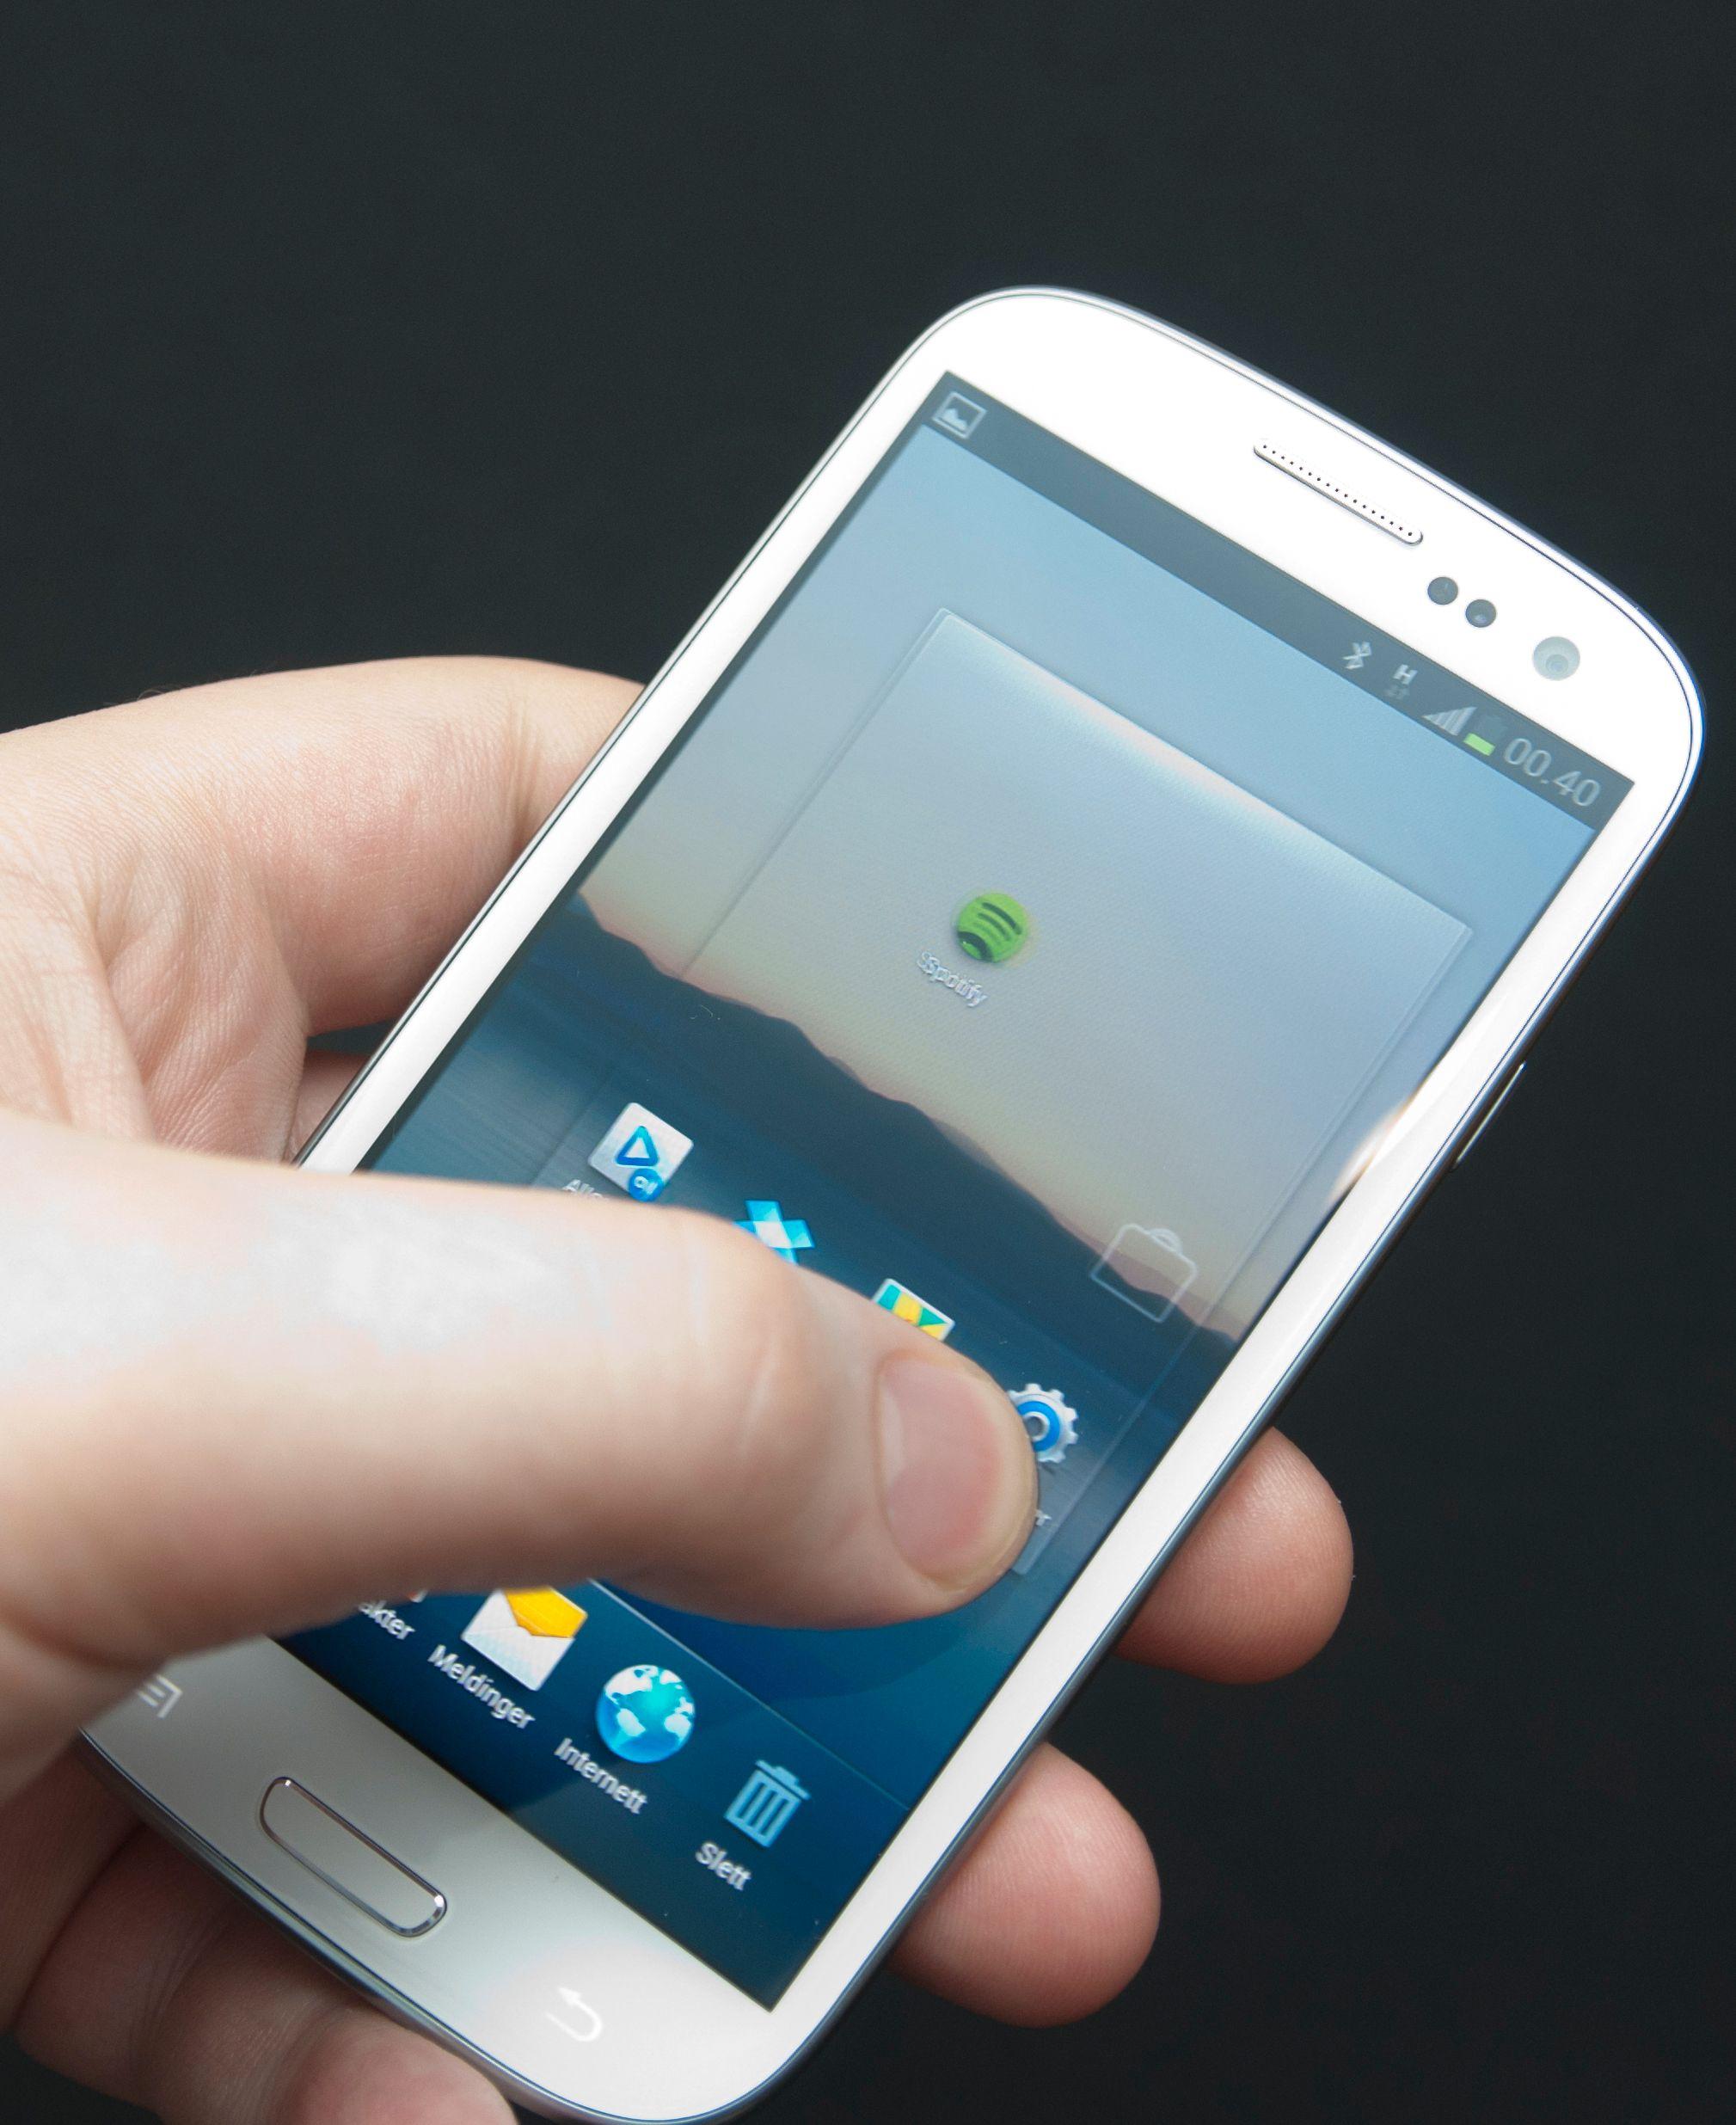 Galaxy S III kan bruke det innebygde gyroskopet til å bytte hjemmeskjerm når du skal stokke om på snarveiene dine. Bare hold fingeren inne over ikonet, og vri telefonen.